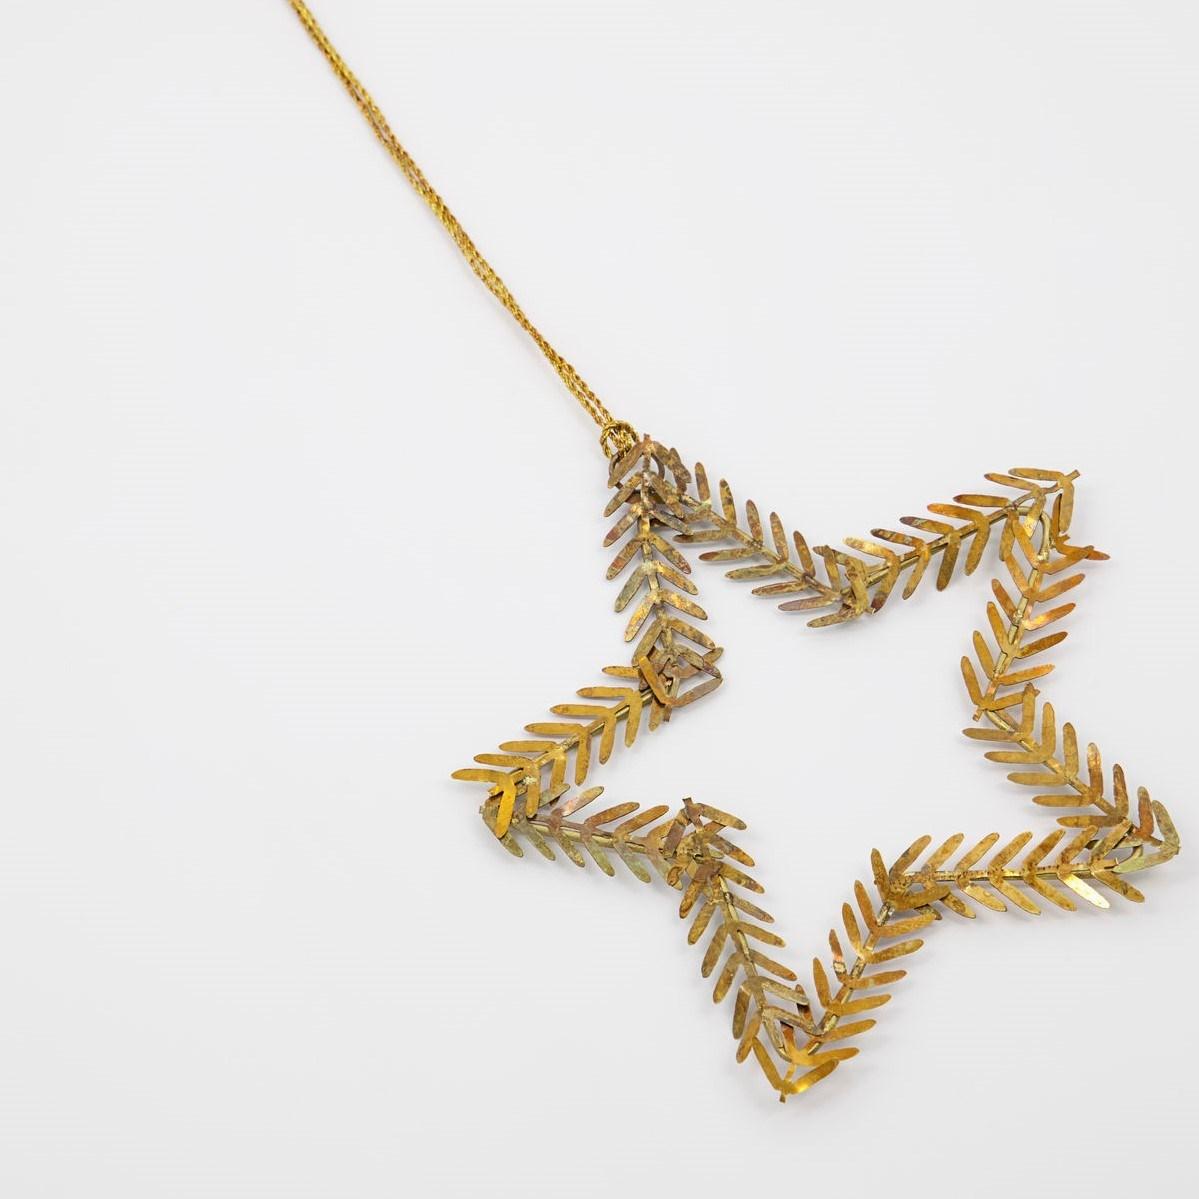 Obrázek z Vánoční ozdoba hvězda z větviček LAMET 10 cm mosazná